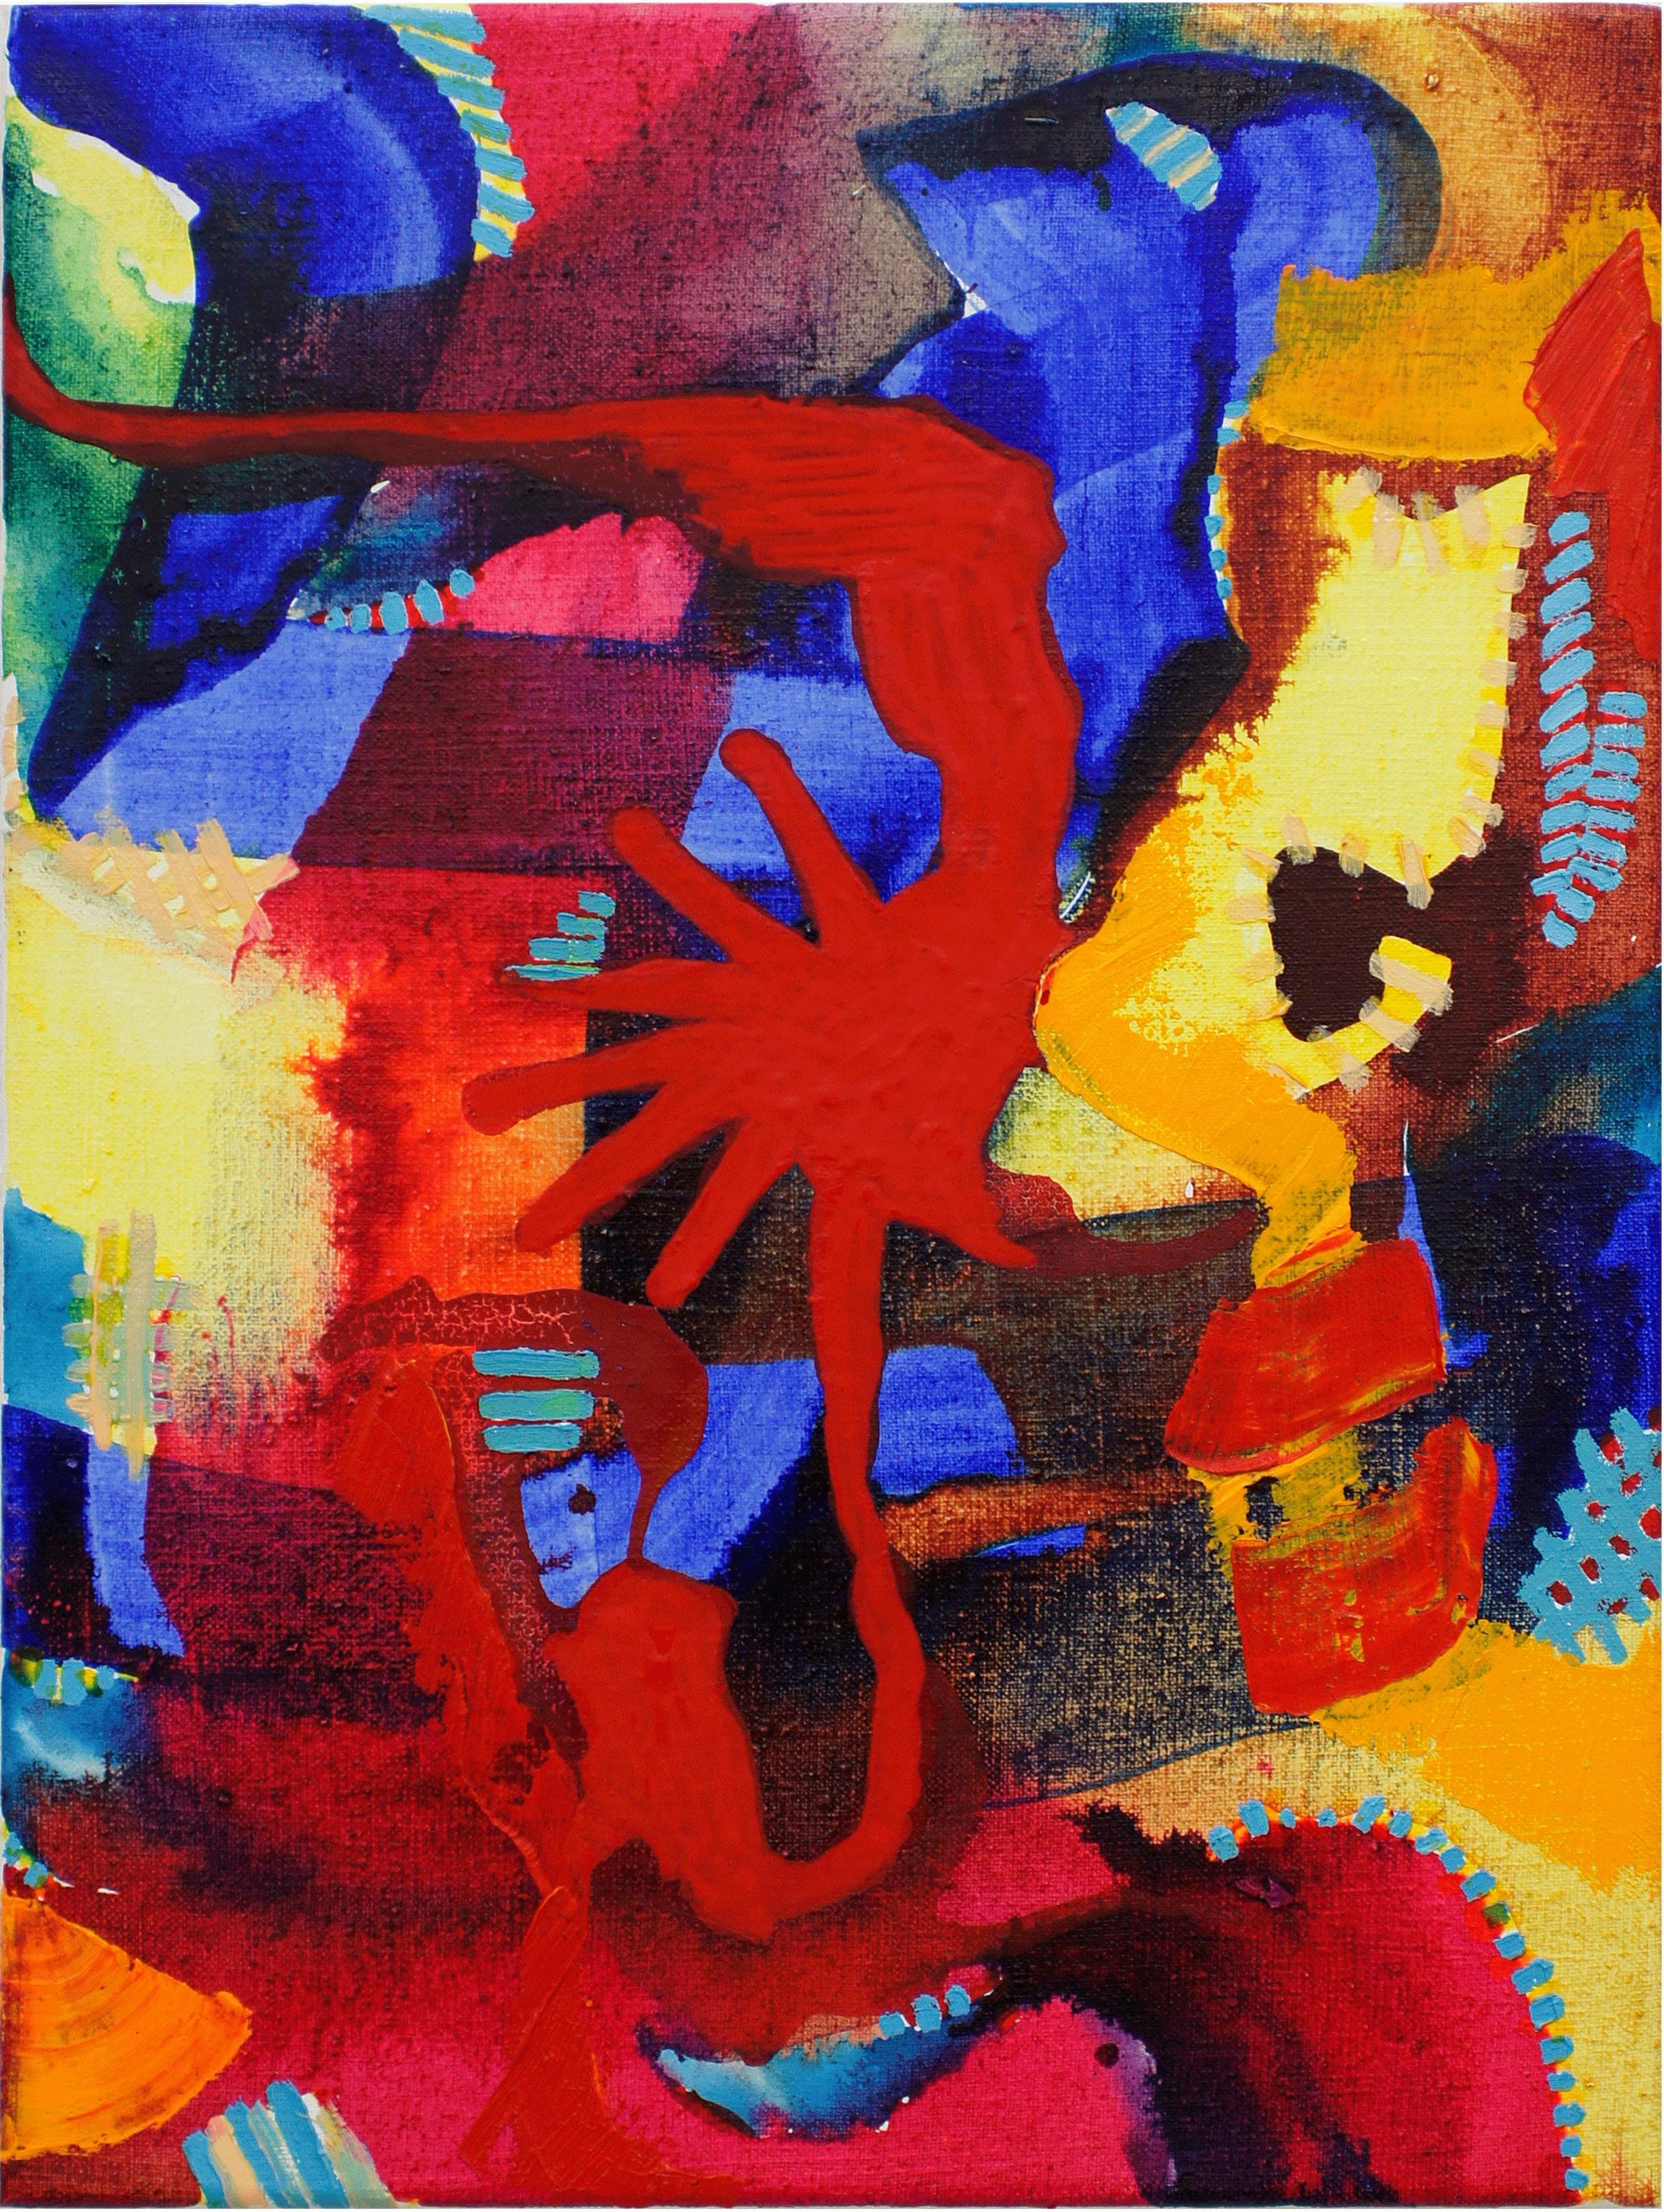 ohne Titel, 2018, Tusche und Ölfarbe auf Leinwand, 40 cm x 30 cm